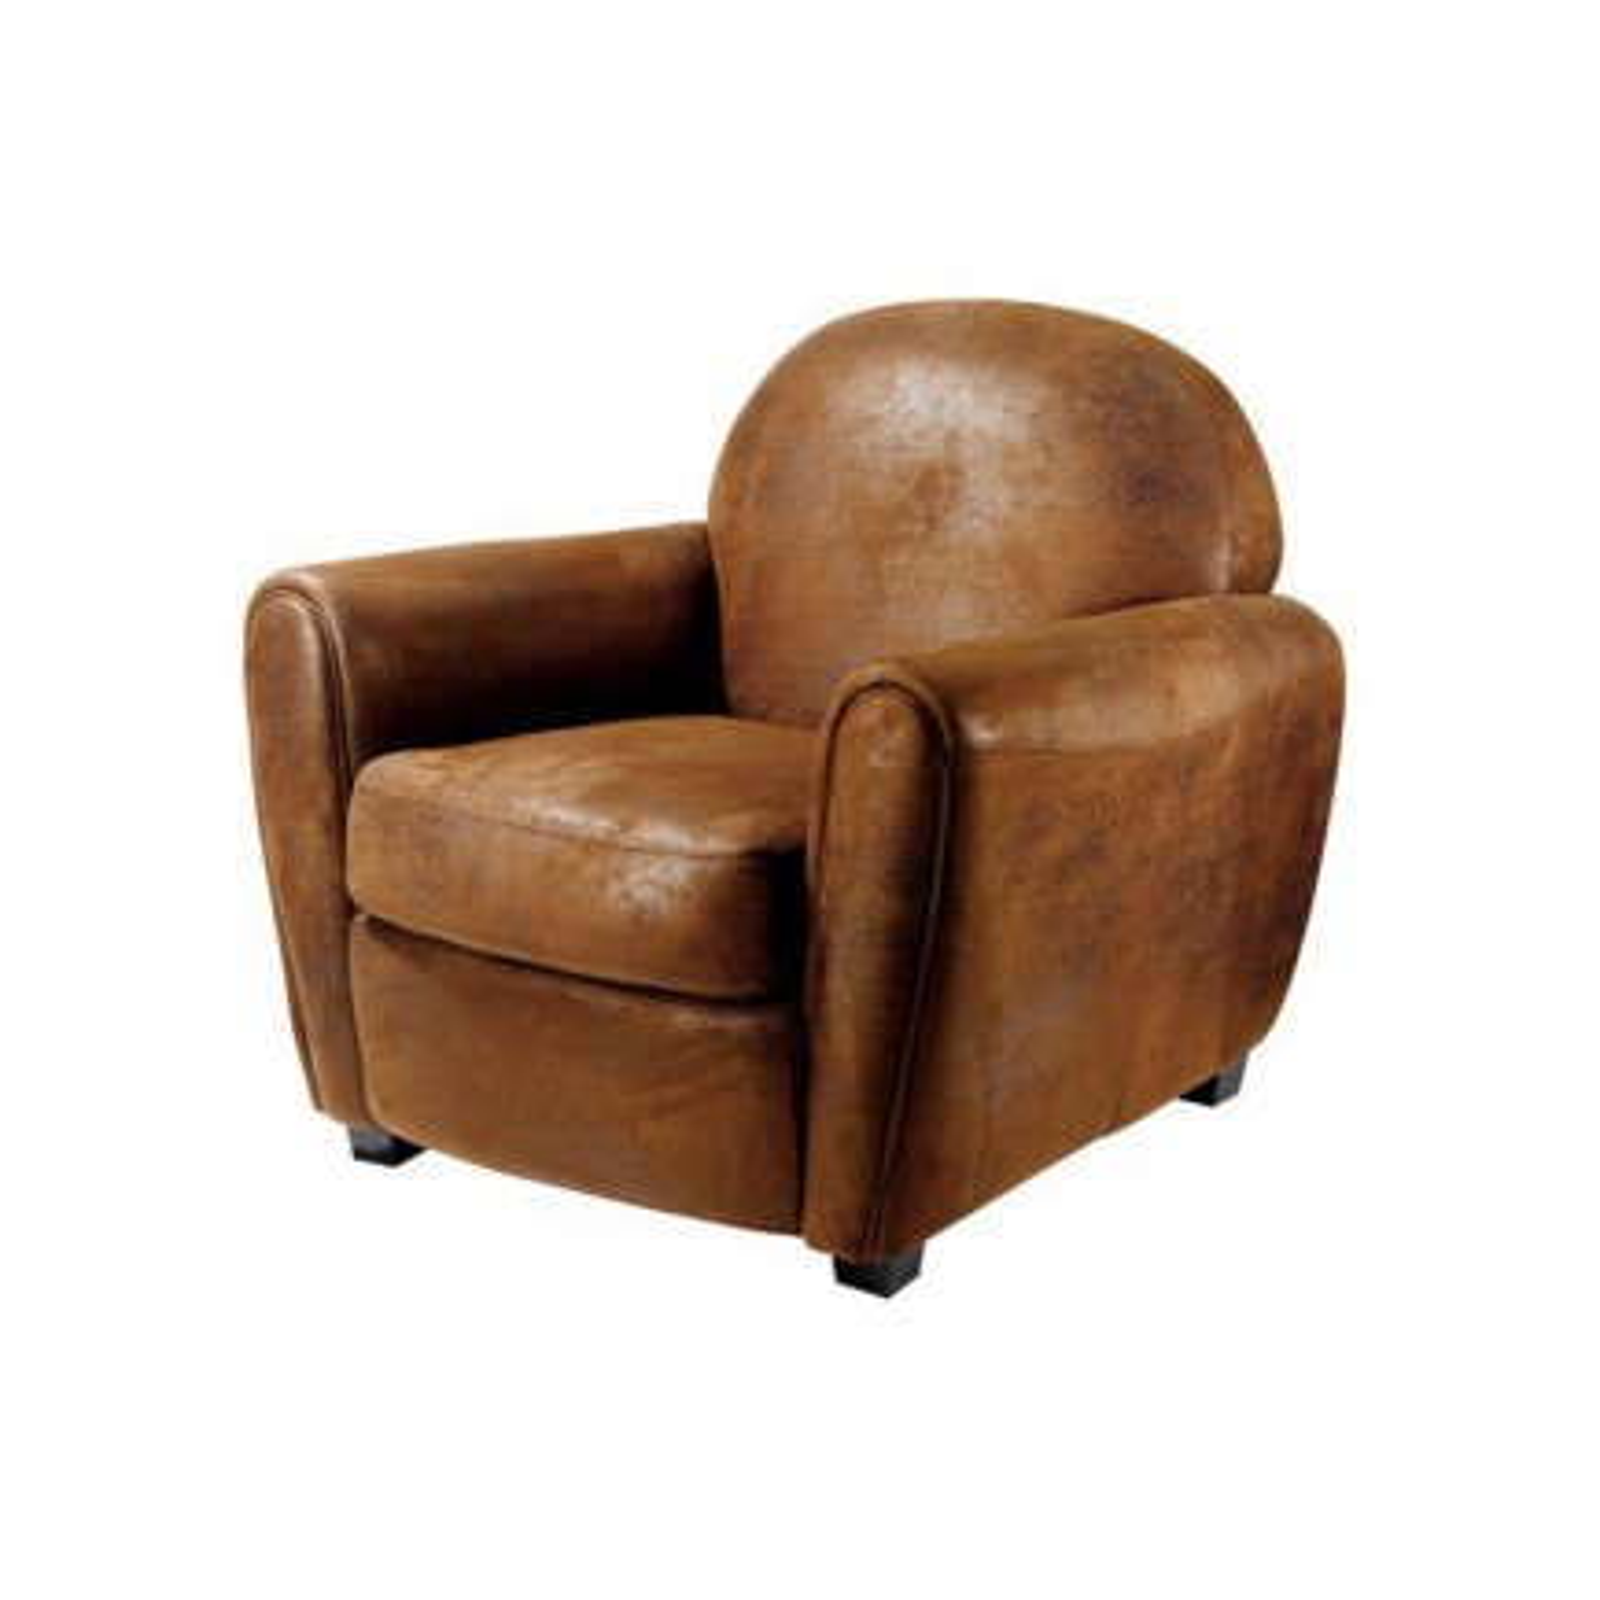 Fauteuil Club Vintage Marron Microfibre - fauteuil rétro